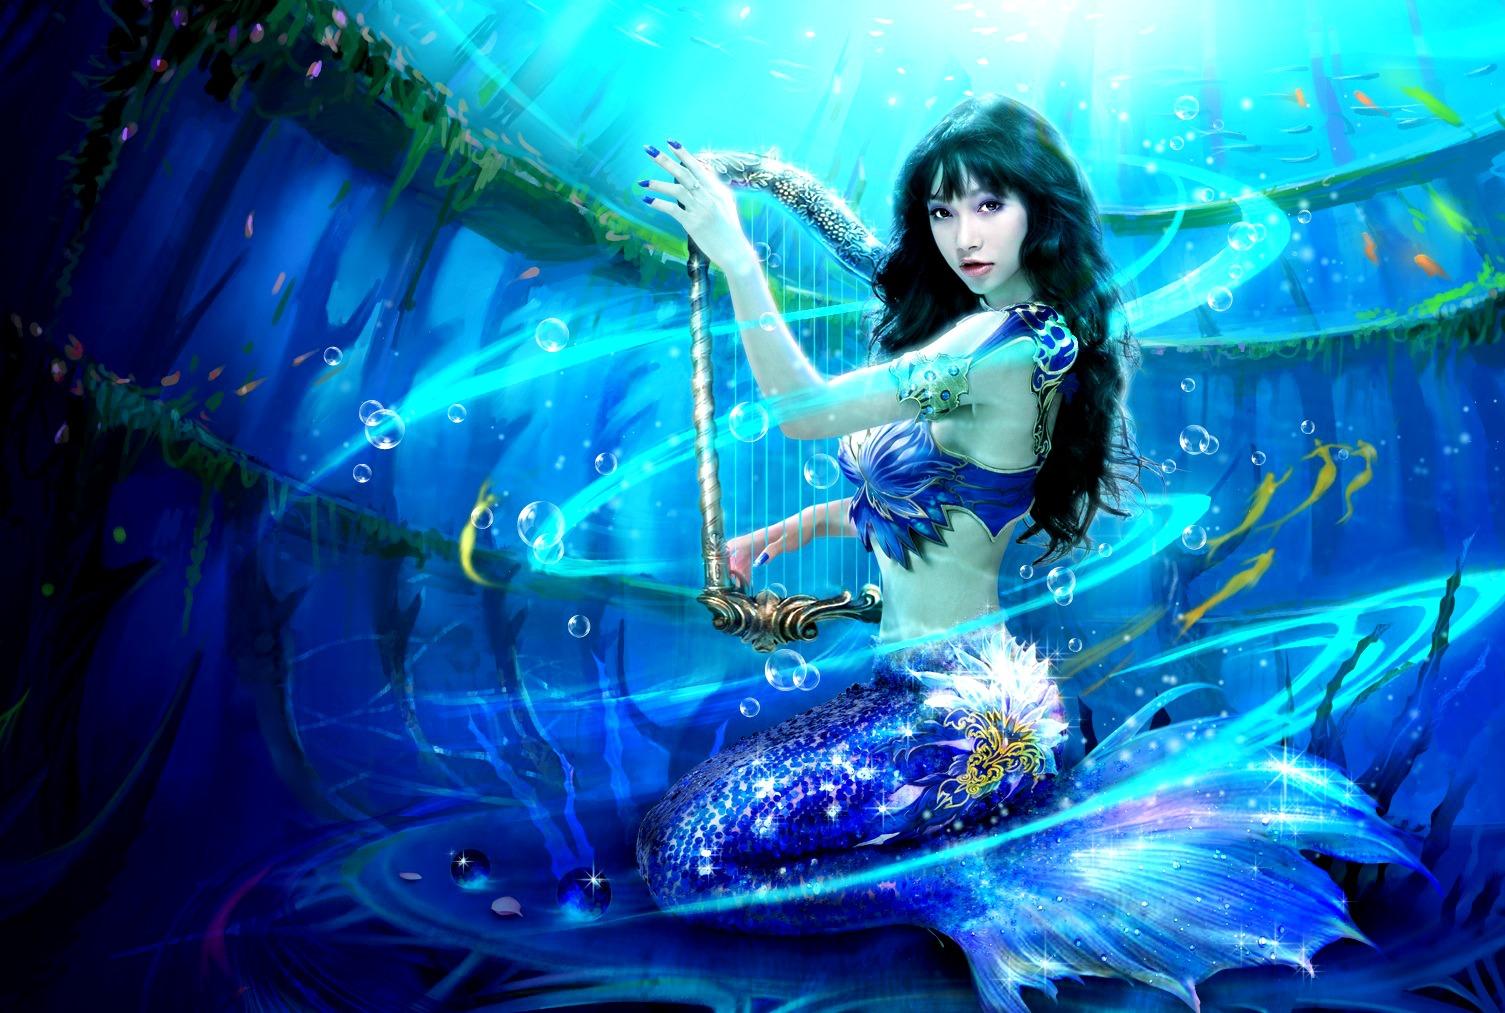 Bienvenidos al nuevo foro de apoyo a Noe #322 / 13.06.16 ~ 23.06.16 - Página 38 Imagenes-dibujos-e-ilustraciones-de-sirenas-en-el-mar-fantasticas-fantasy-mermaids+%287%29